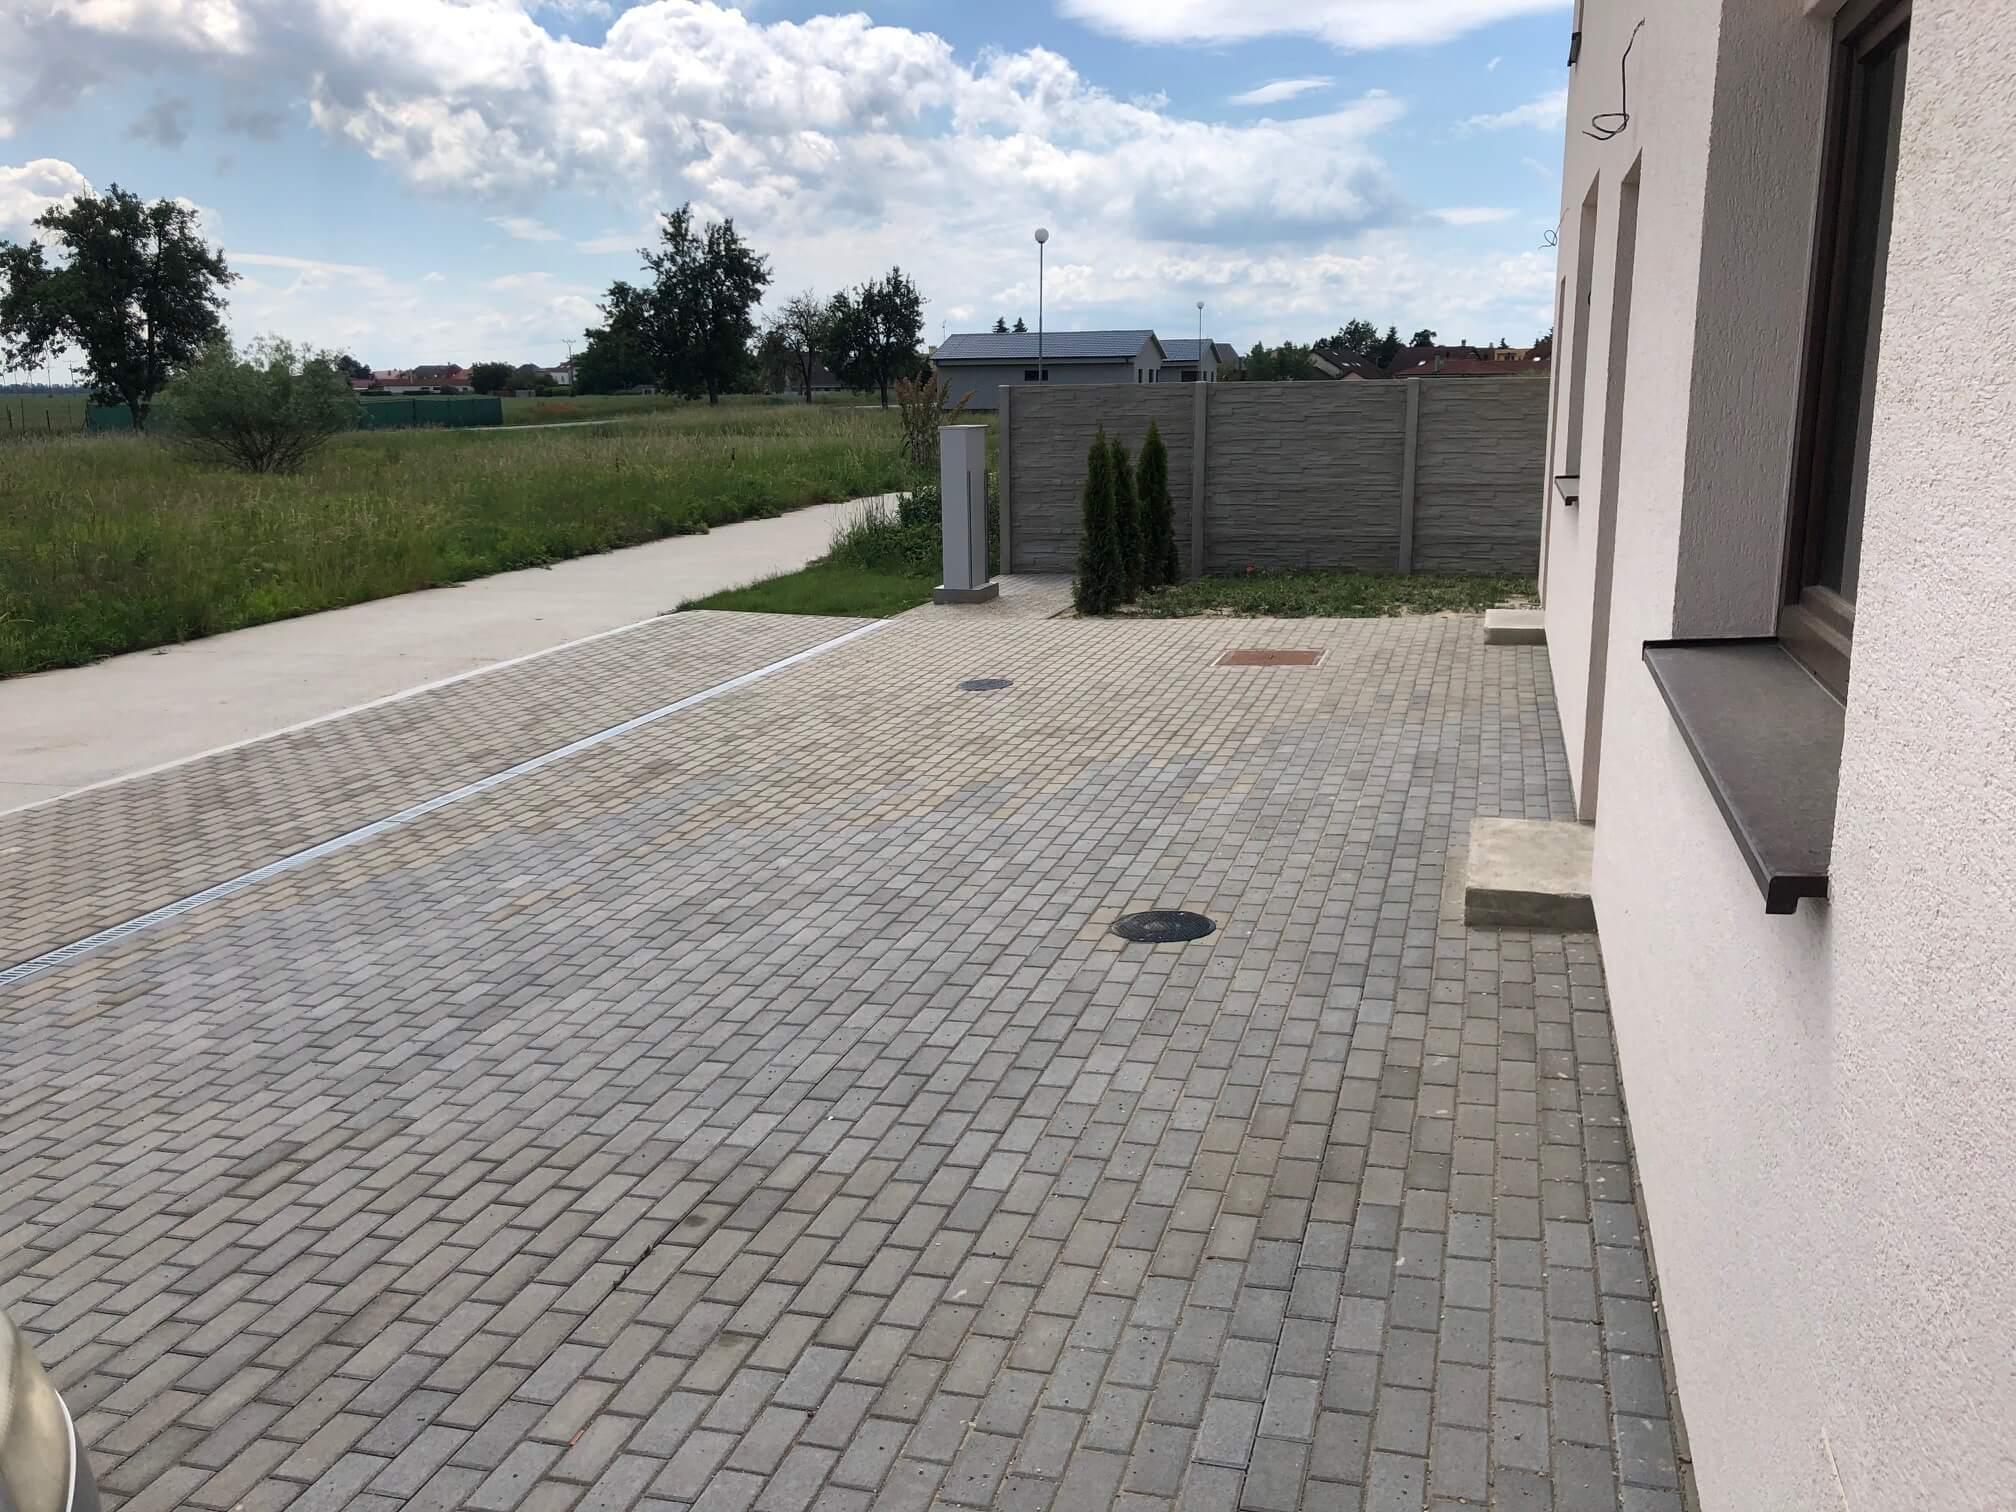 Predané: Rodinný dom 3 izbový, Novostavba, Kalinkovo, pri hrádzi, úžitková 92,85m2, záhrada 145m2-6